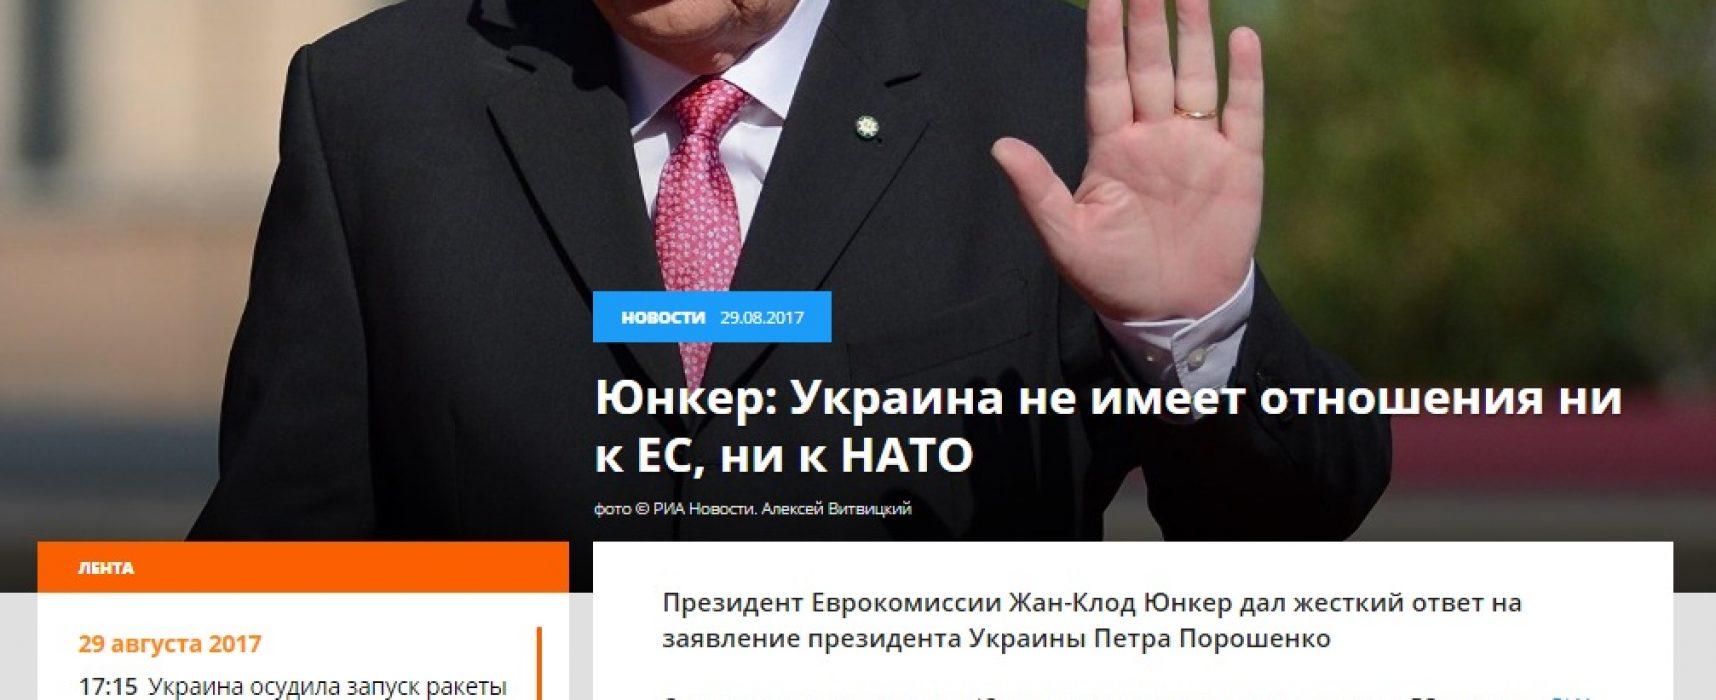 Manipulativ: Juncker: Die Ukraine ist nicht in der EU und nicht in der NATO